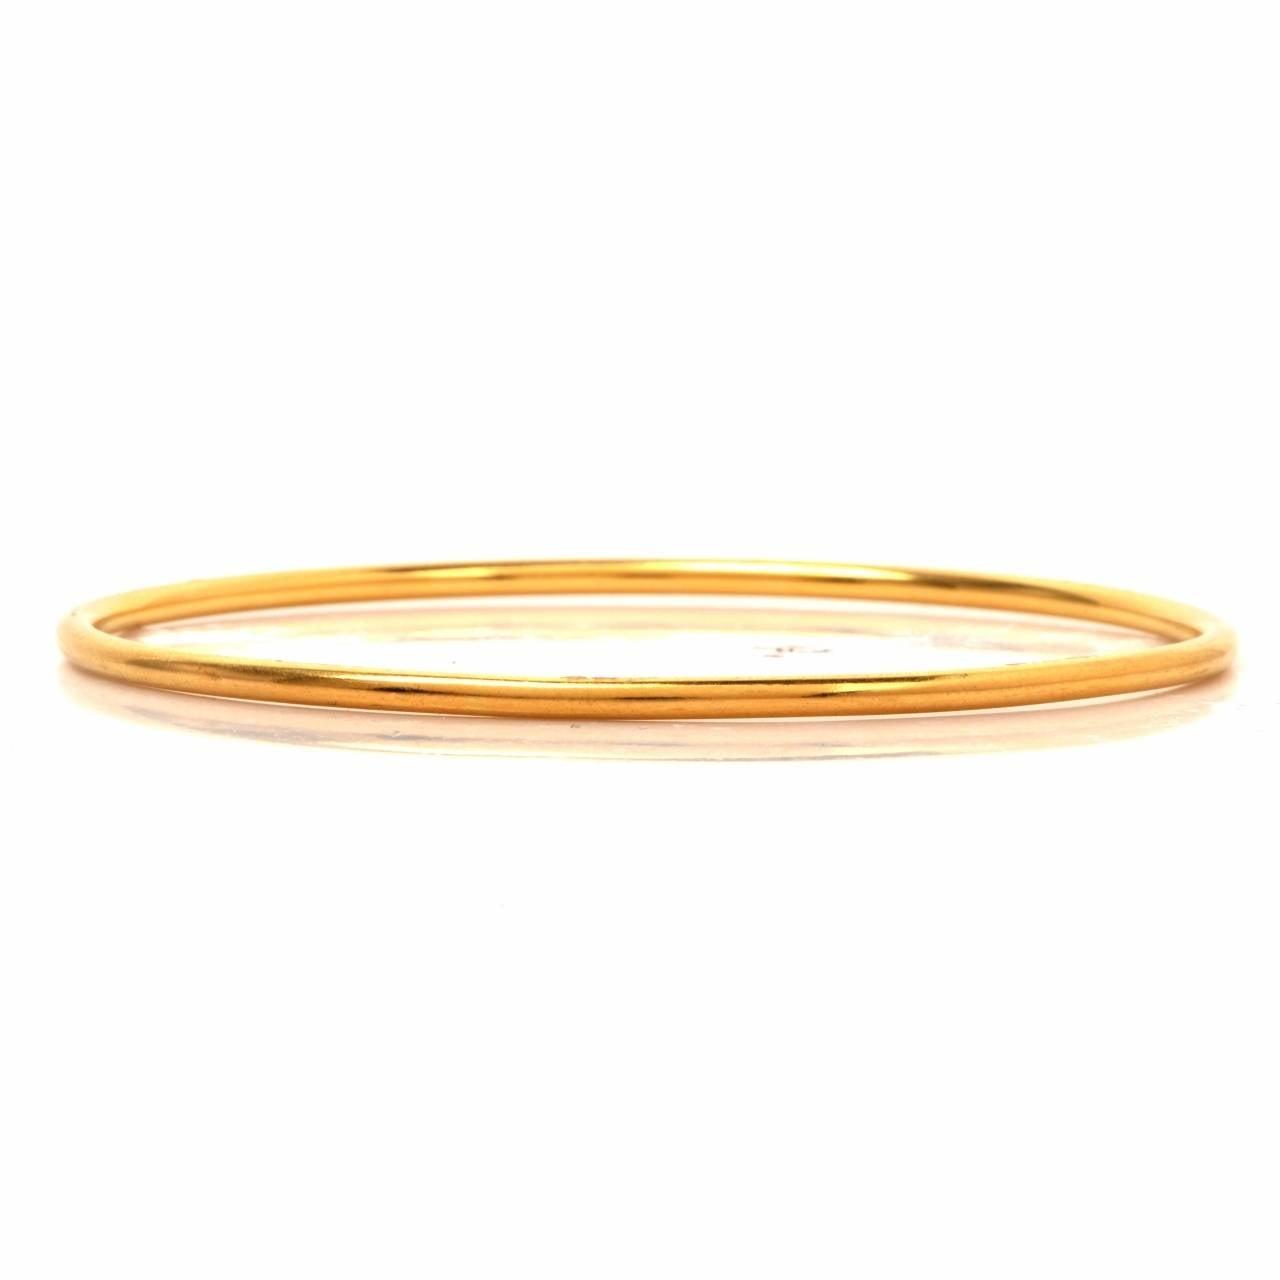 Stackable Gold Bangle Bracelets Set of 12 5